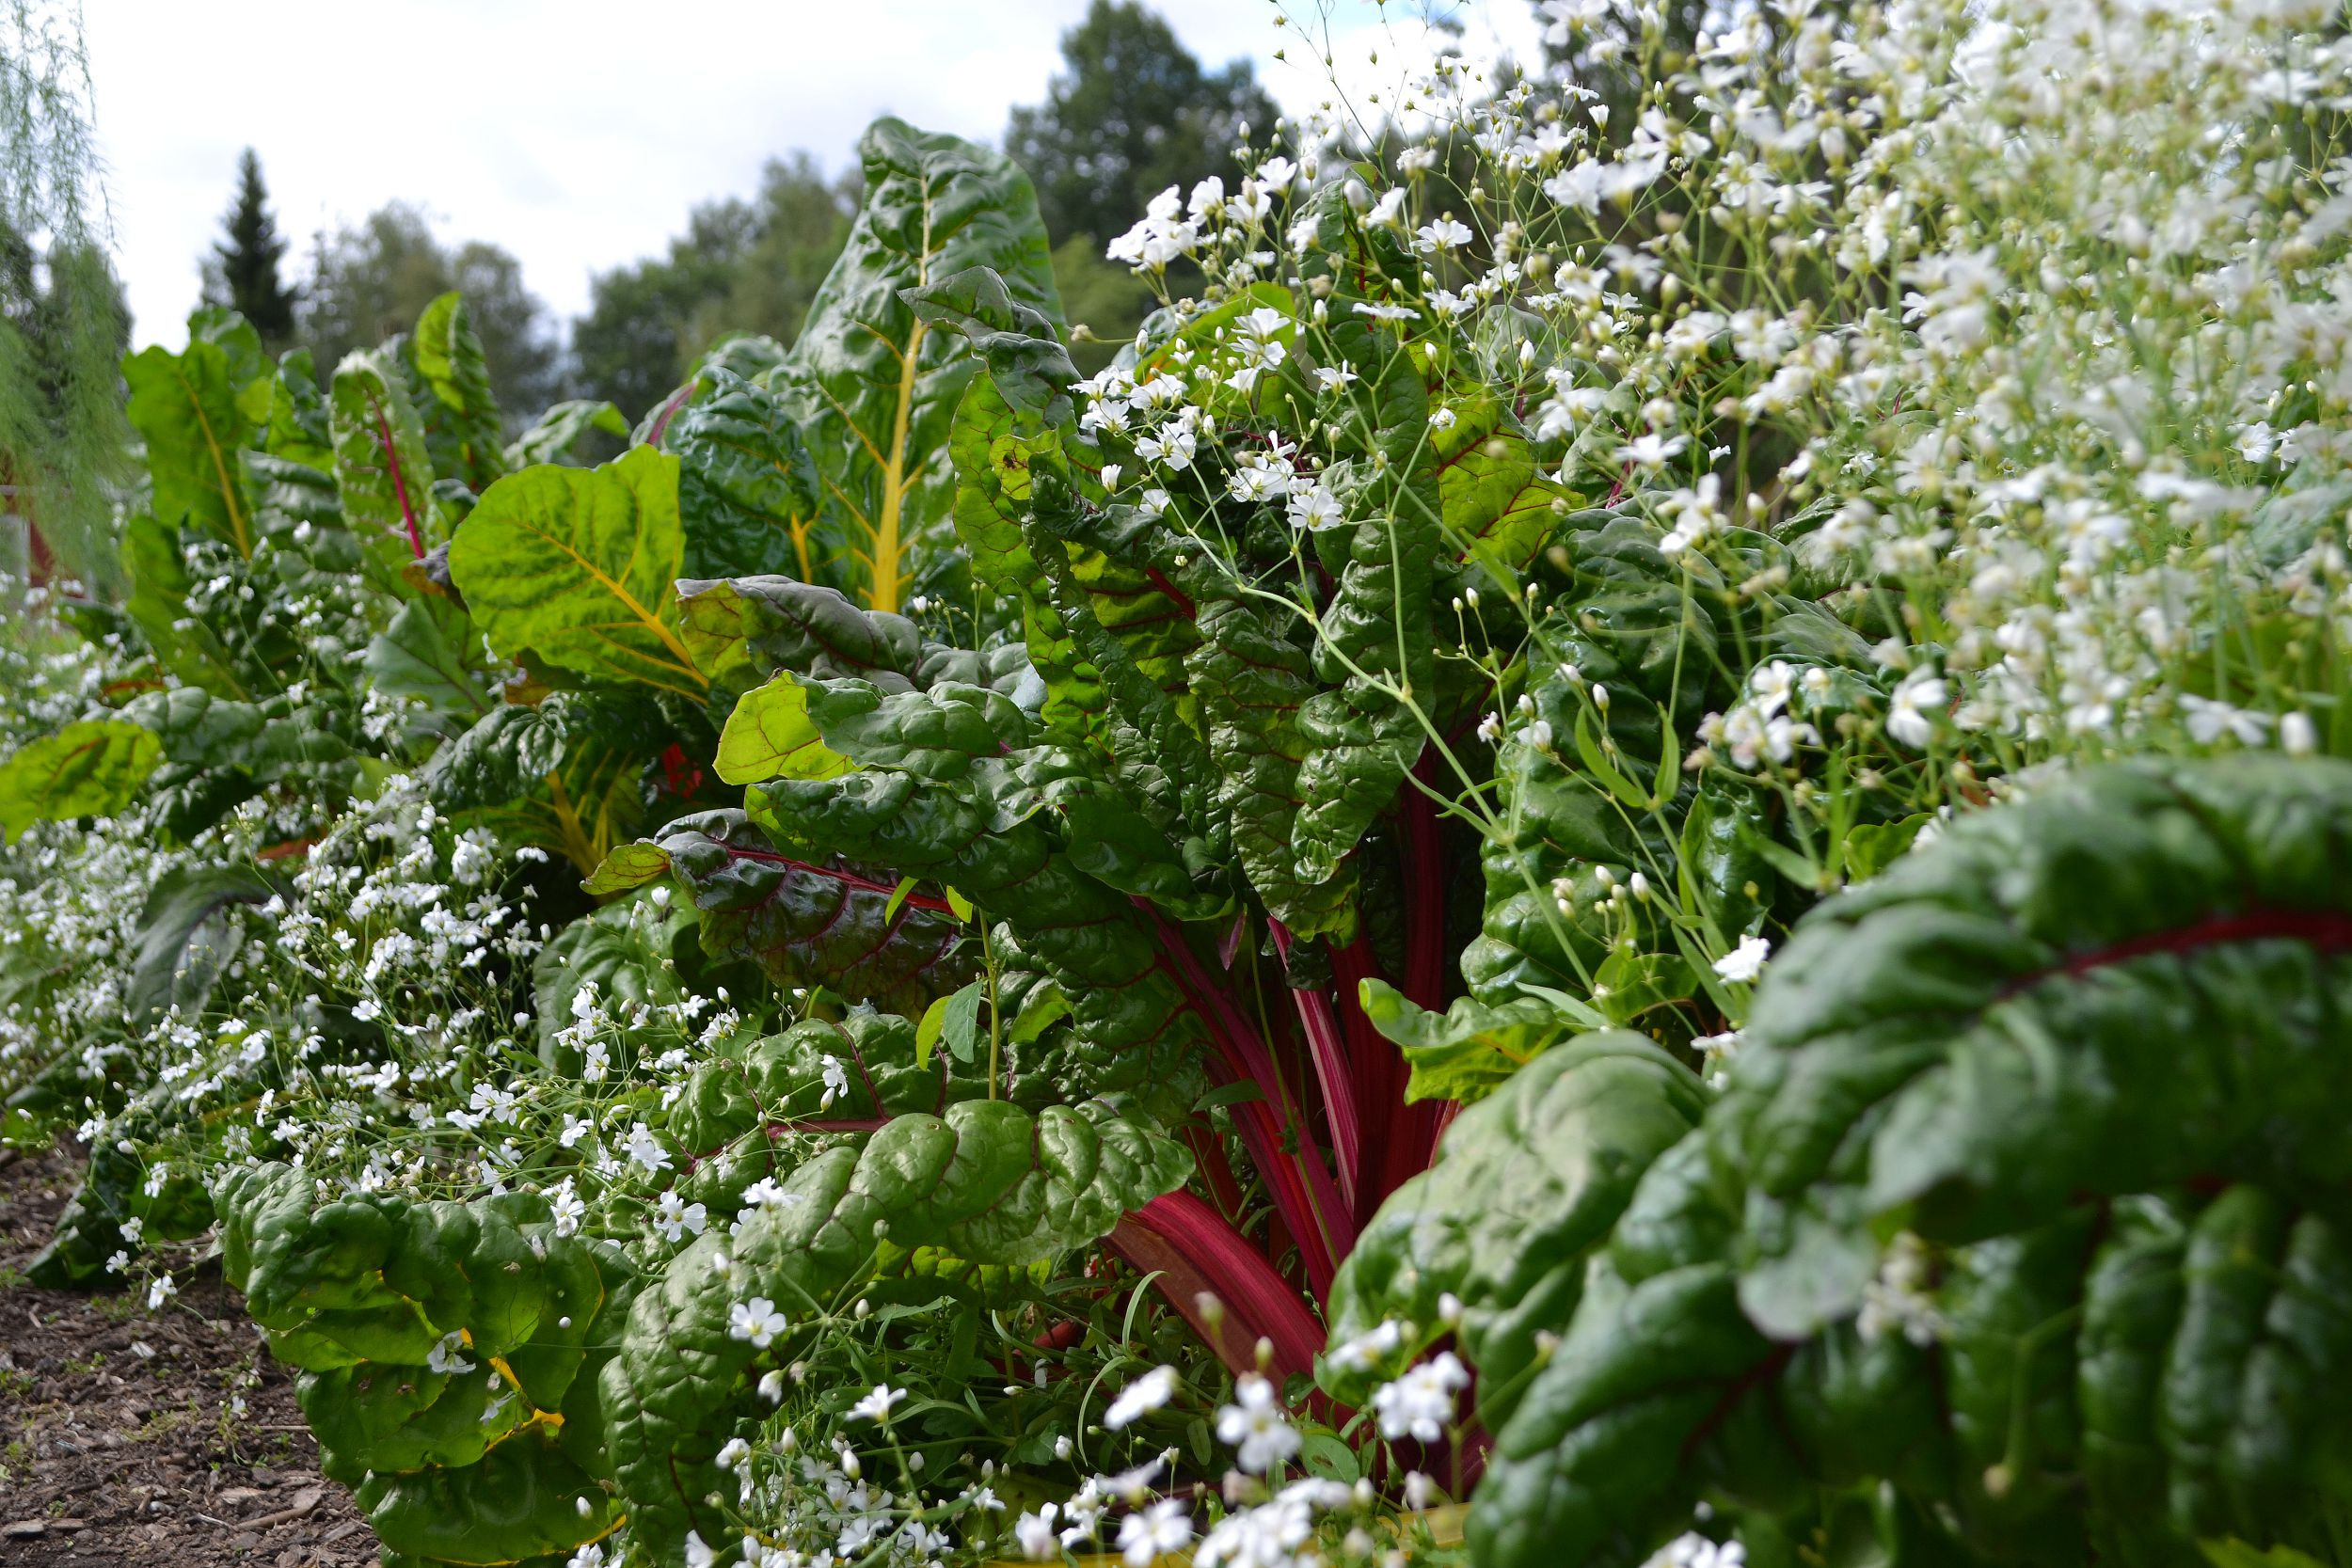 Vacker flerfärgad mangold tillsammans med vita små blommor.